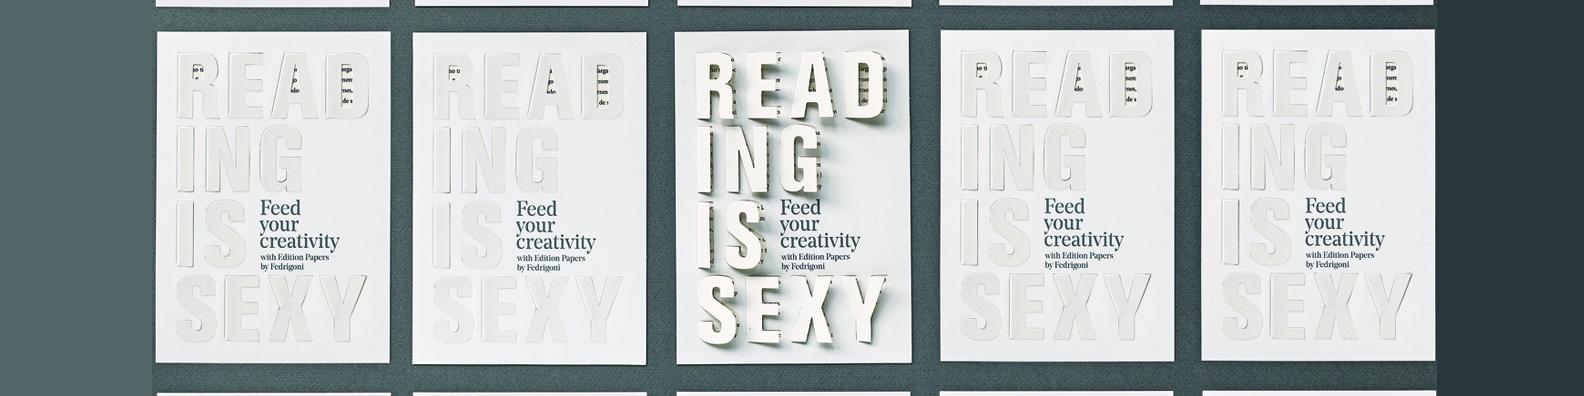 Los Edition Papers de Fedrigoni lo tienen claro: Reading is Sexy!